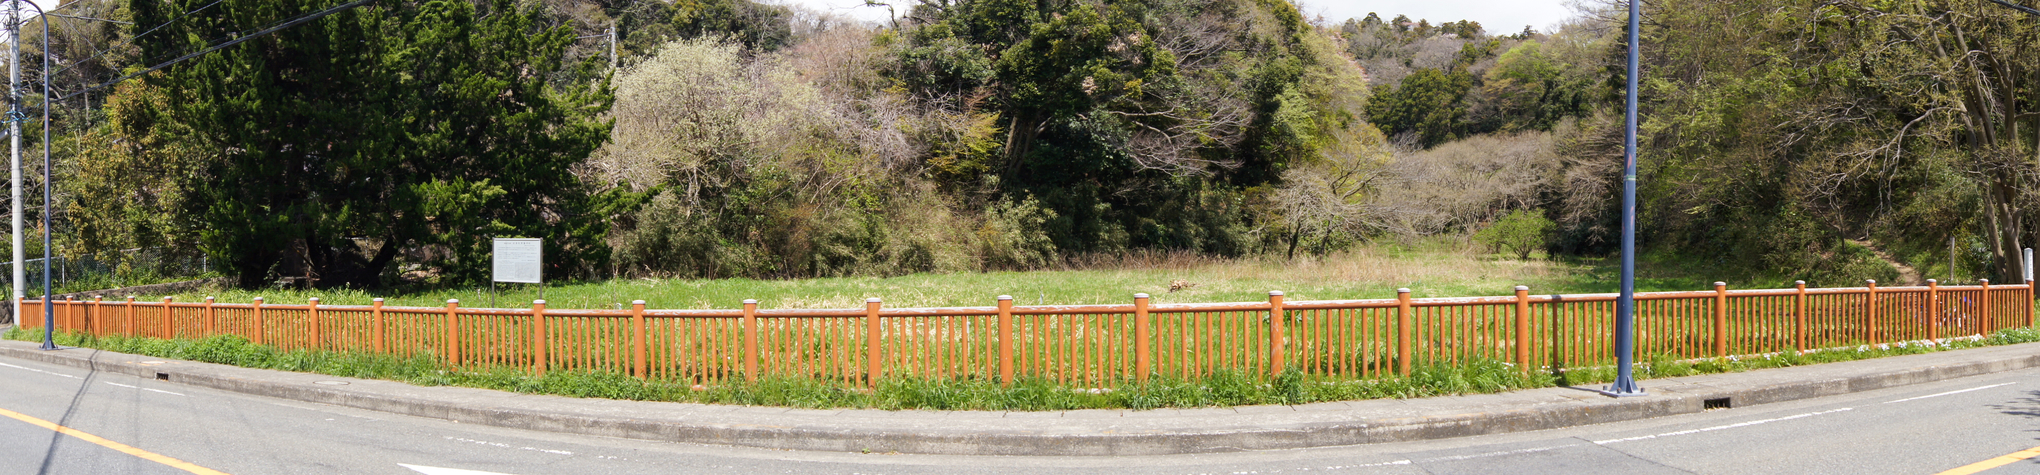 f:id:akichiniiko:20200606191659j:plain